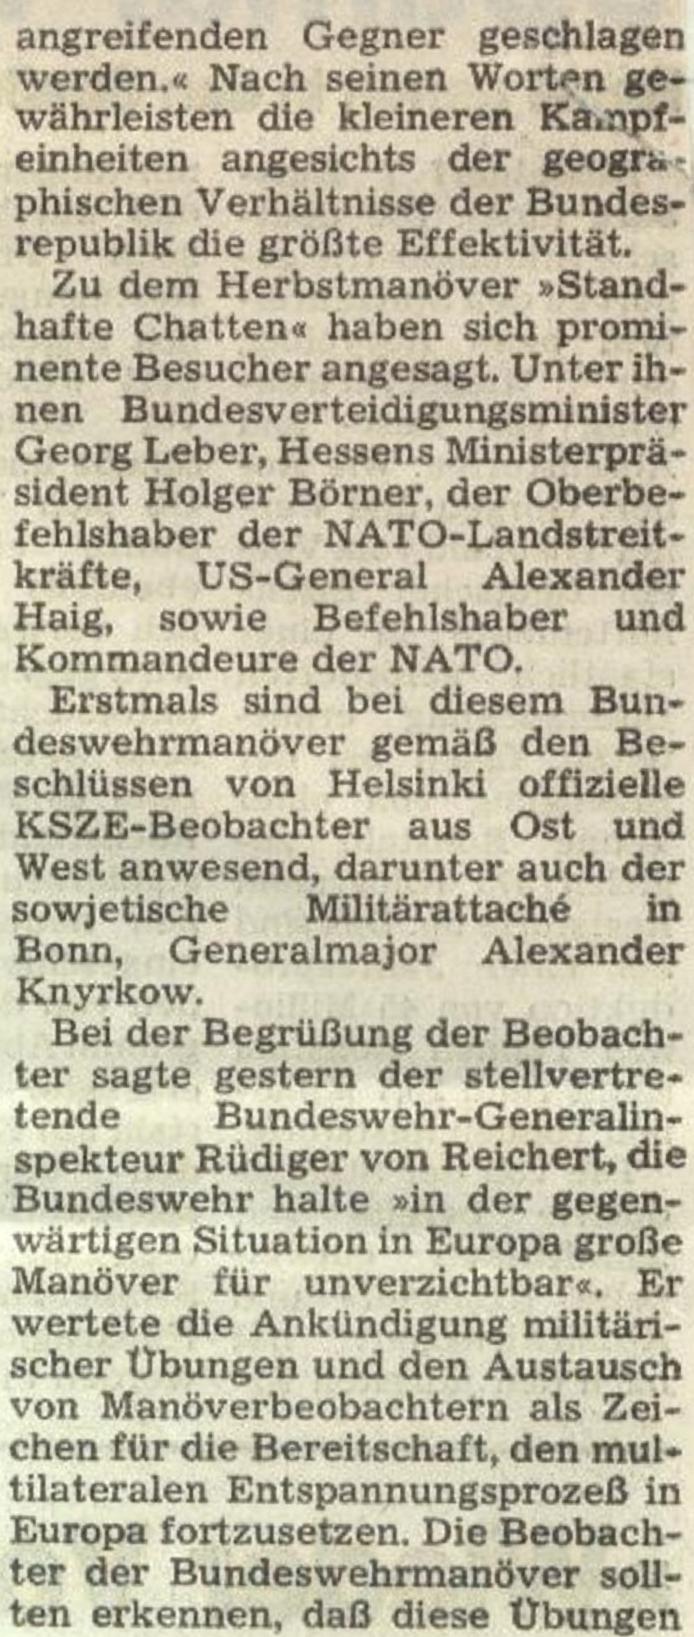 1977-standhafte_chatten-00005